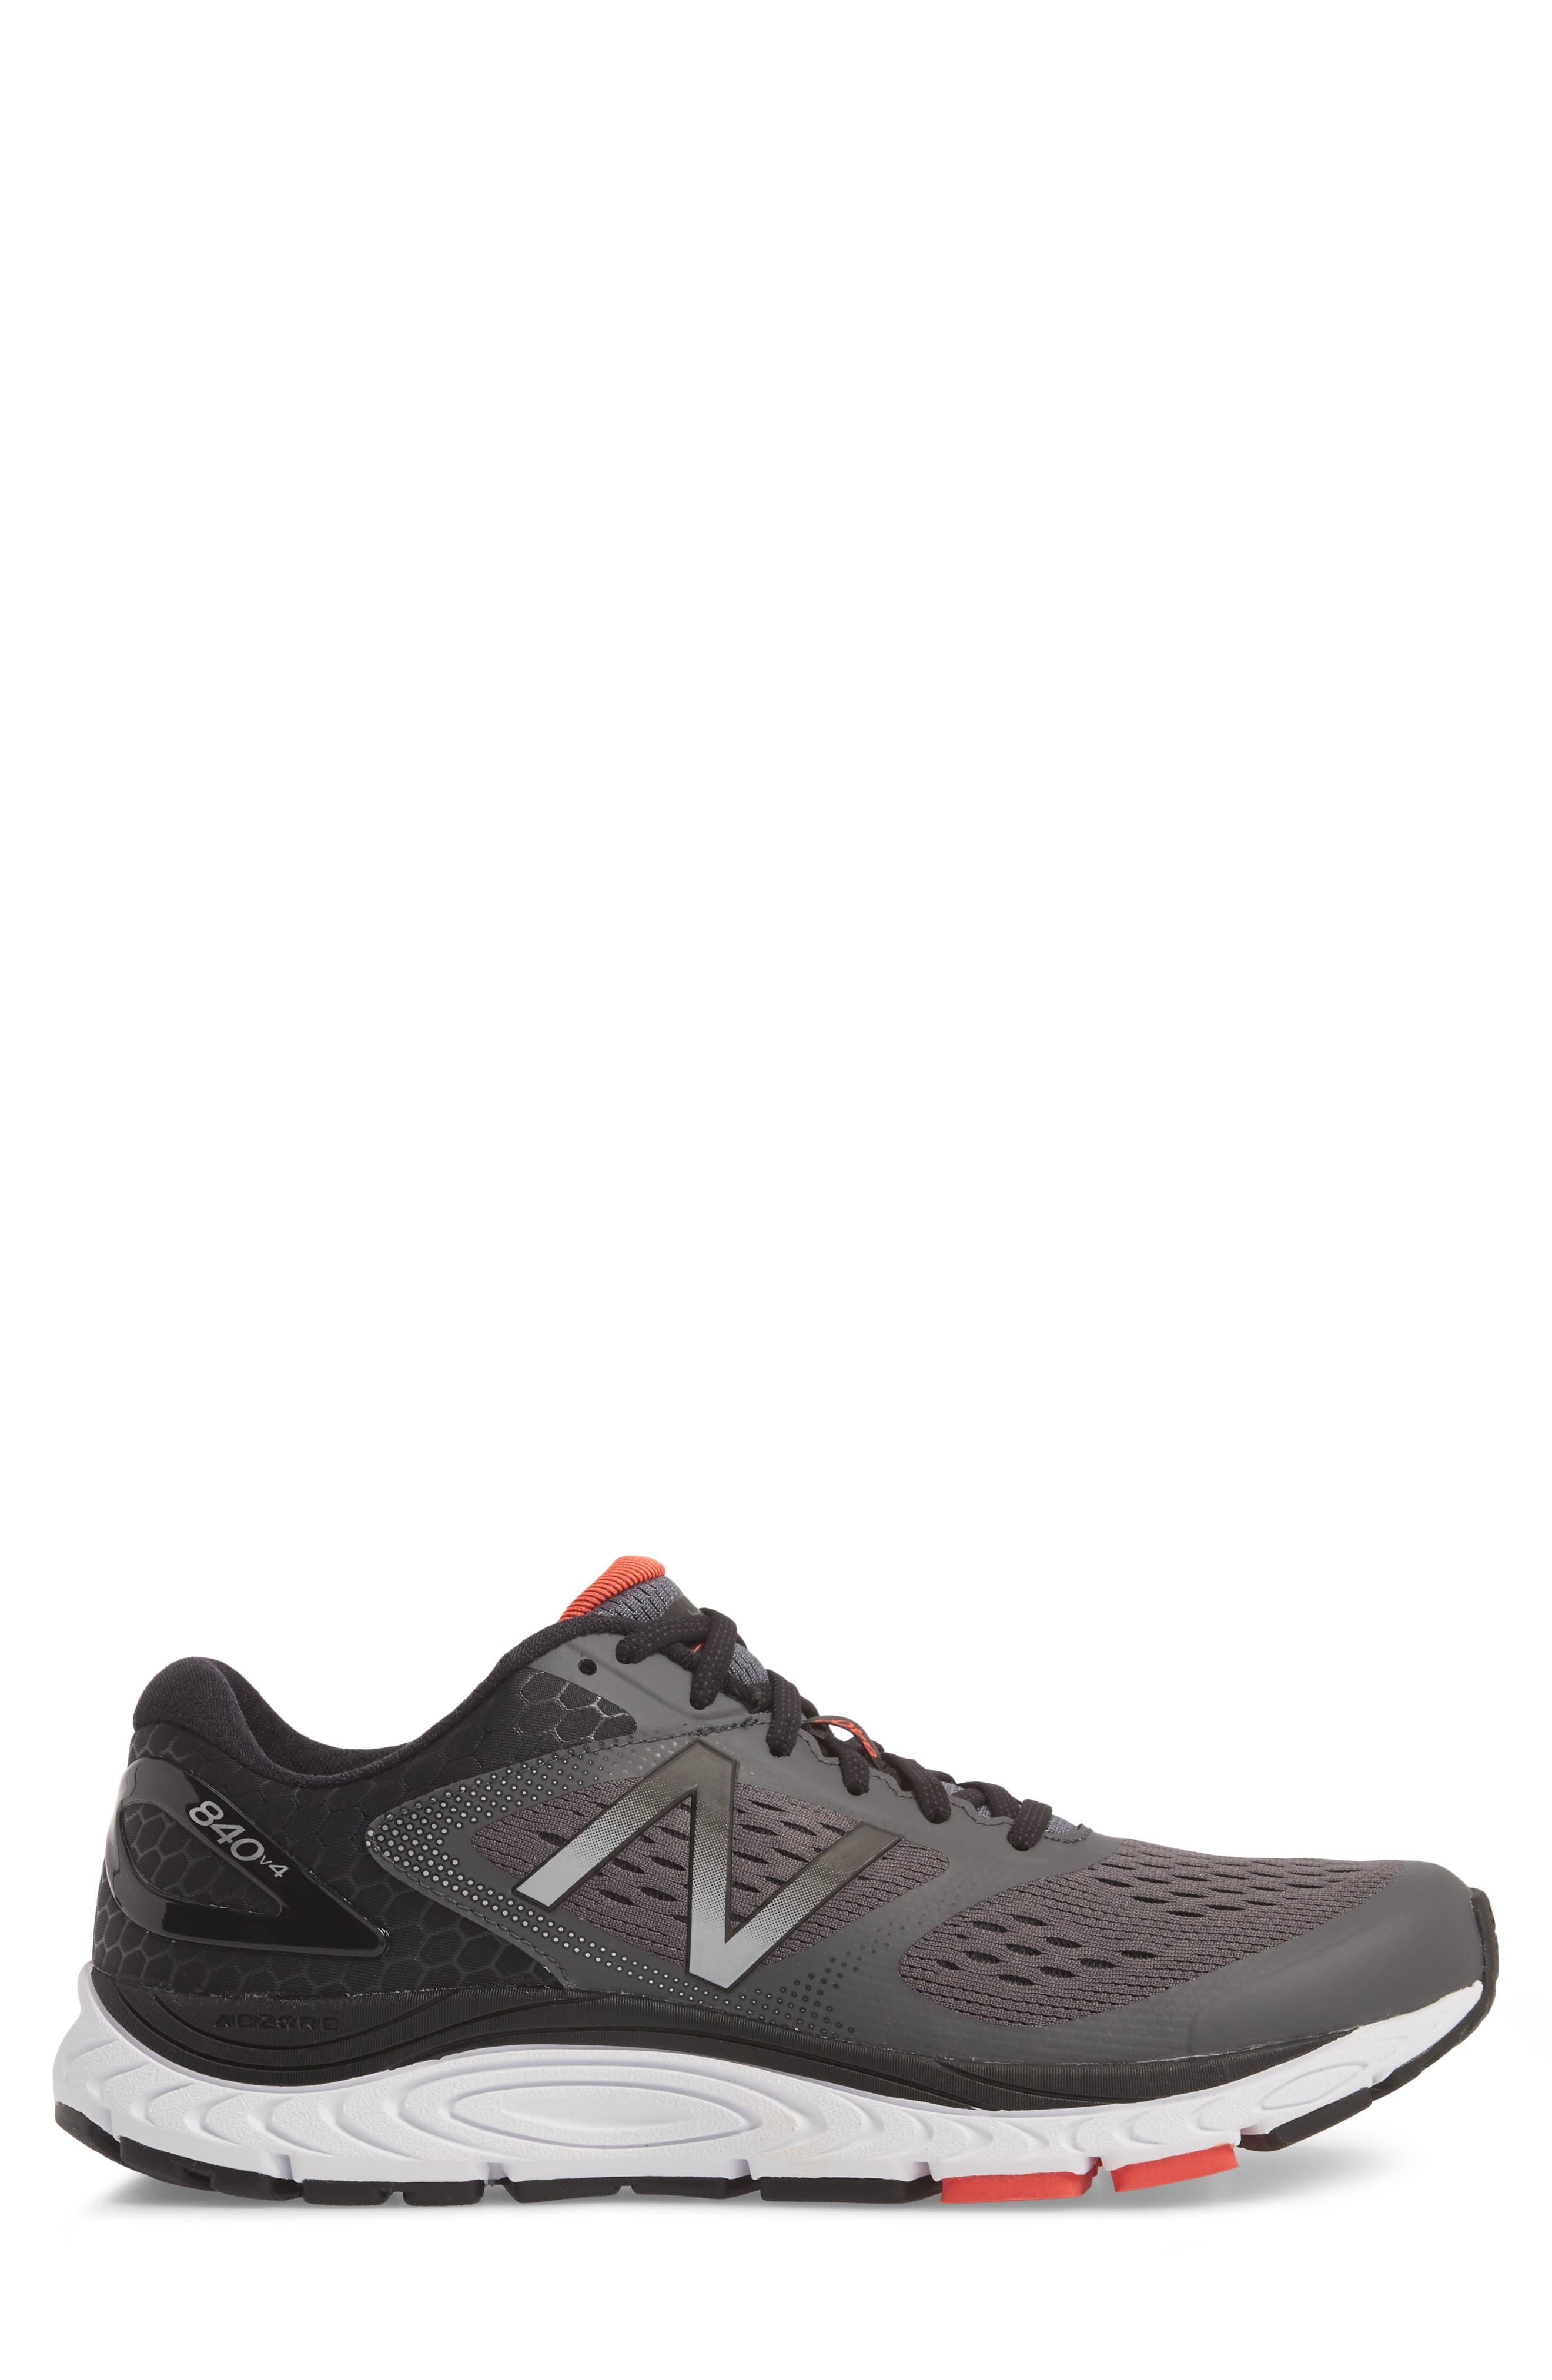 840v4 Running Shoe,                             Alternate thumbnail 3, color,